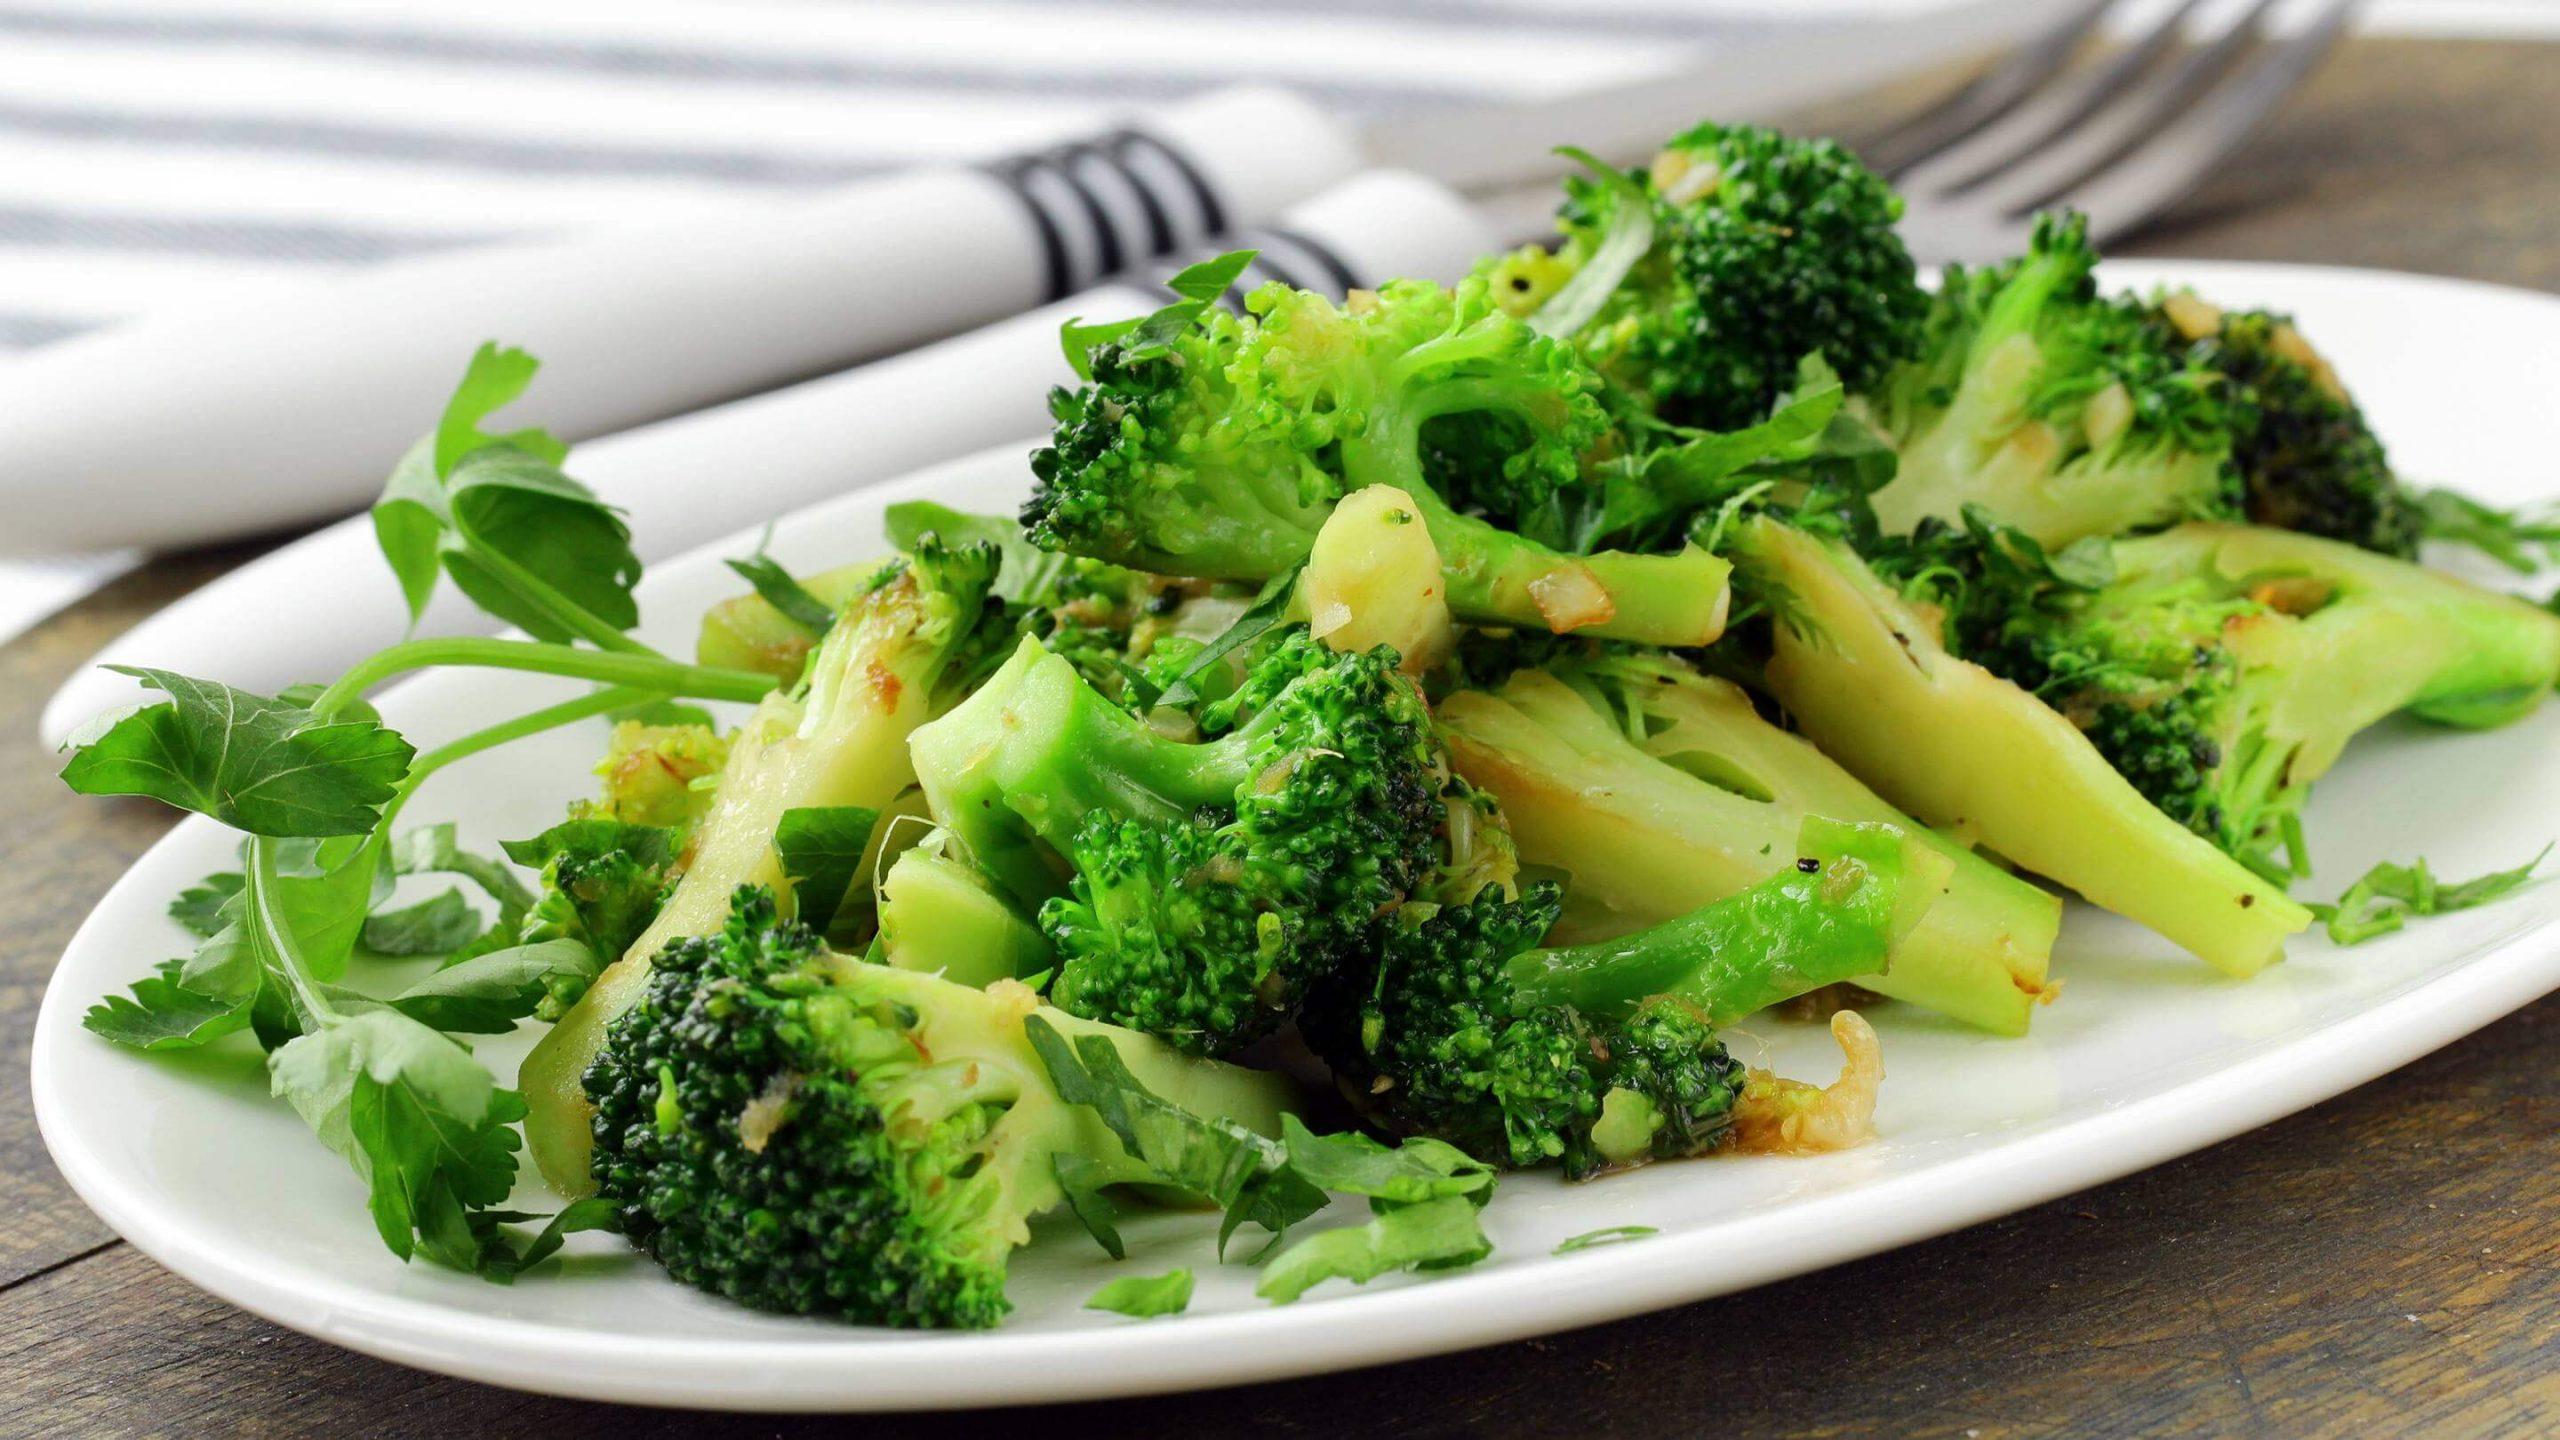 giảm cân bông cải xanh